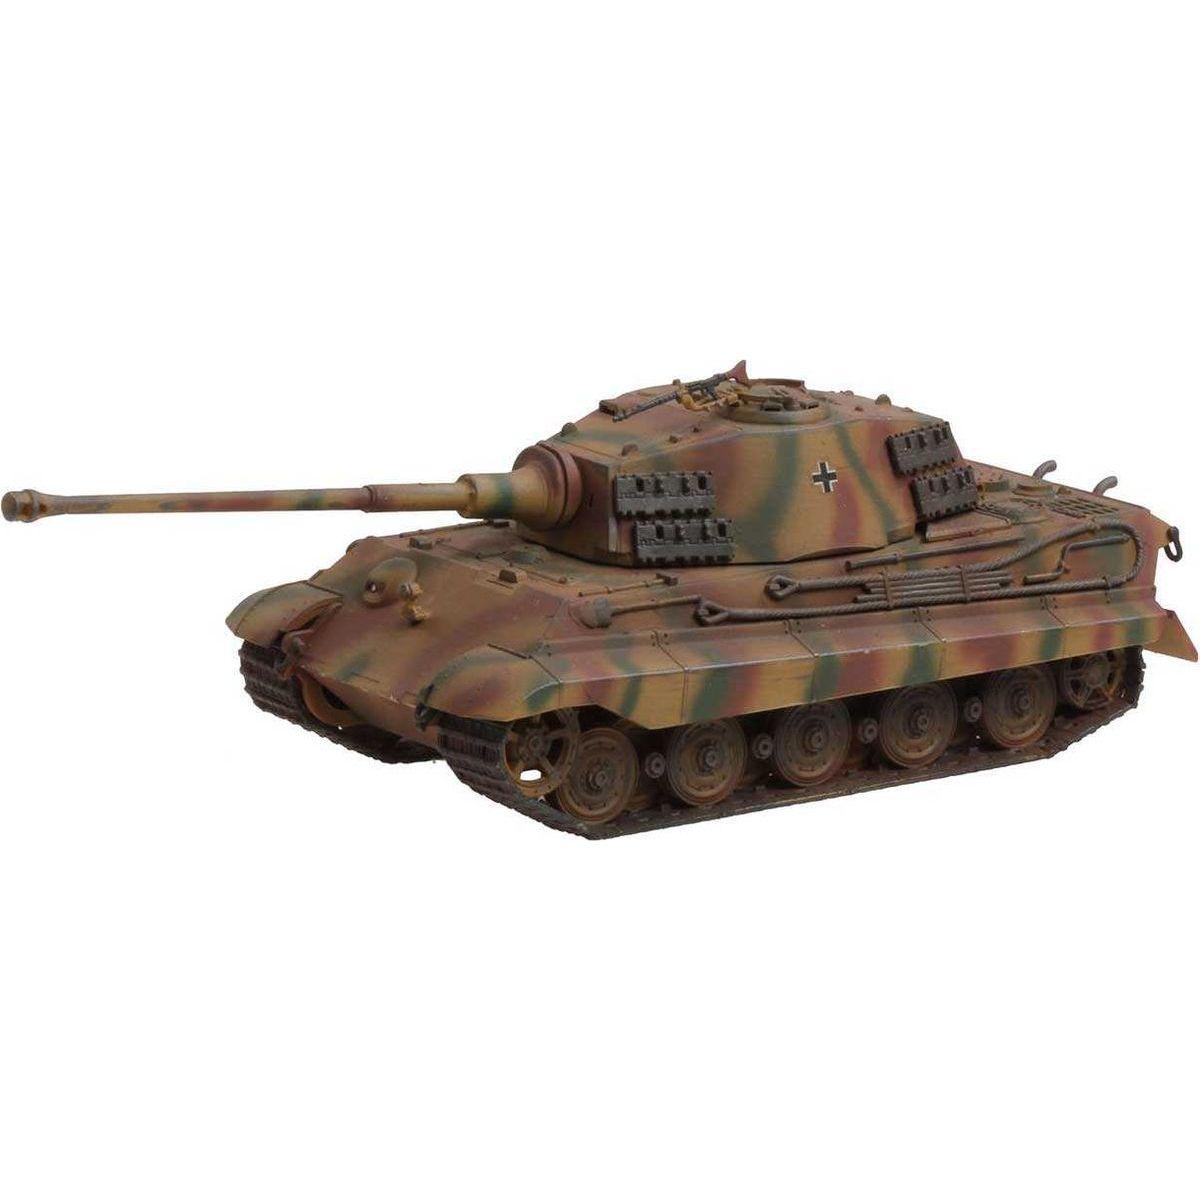 Revell Plastic ModelKit tank Tiger II Ausf. B 1:72